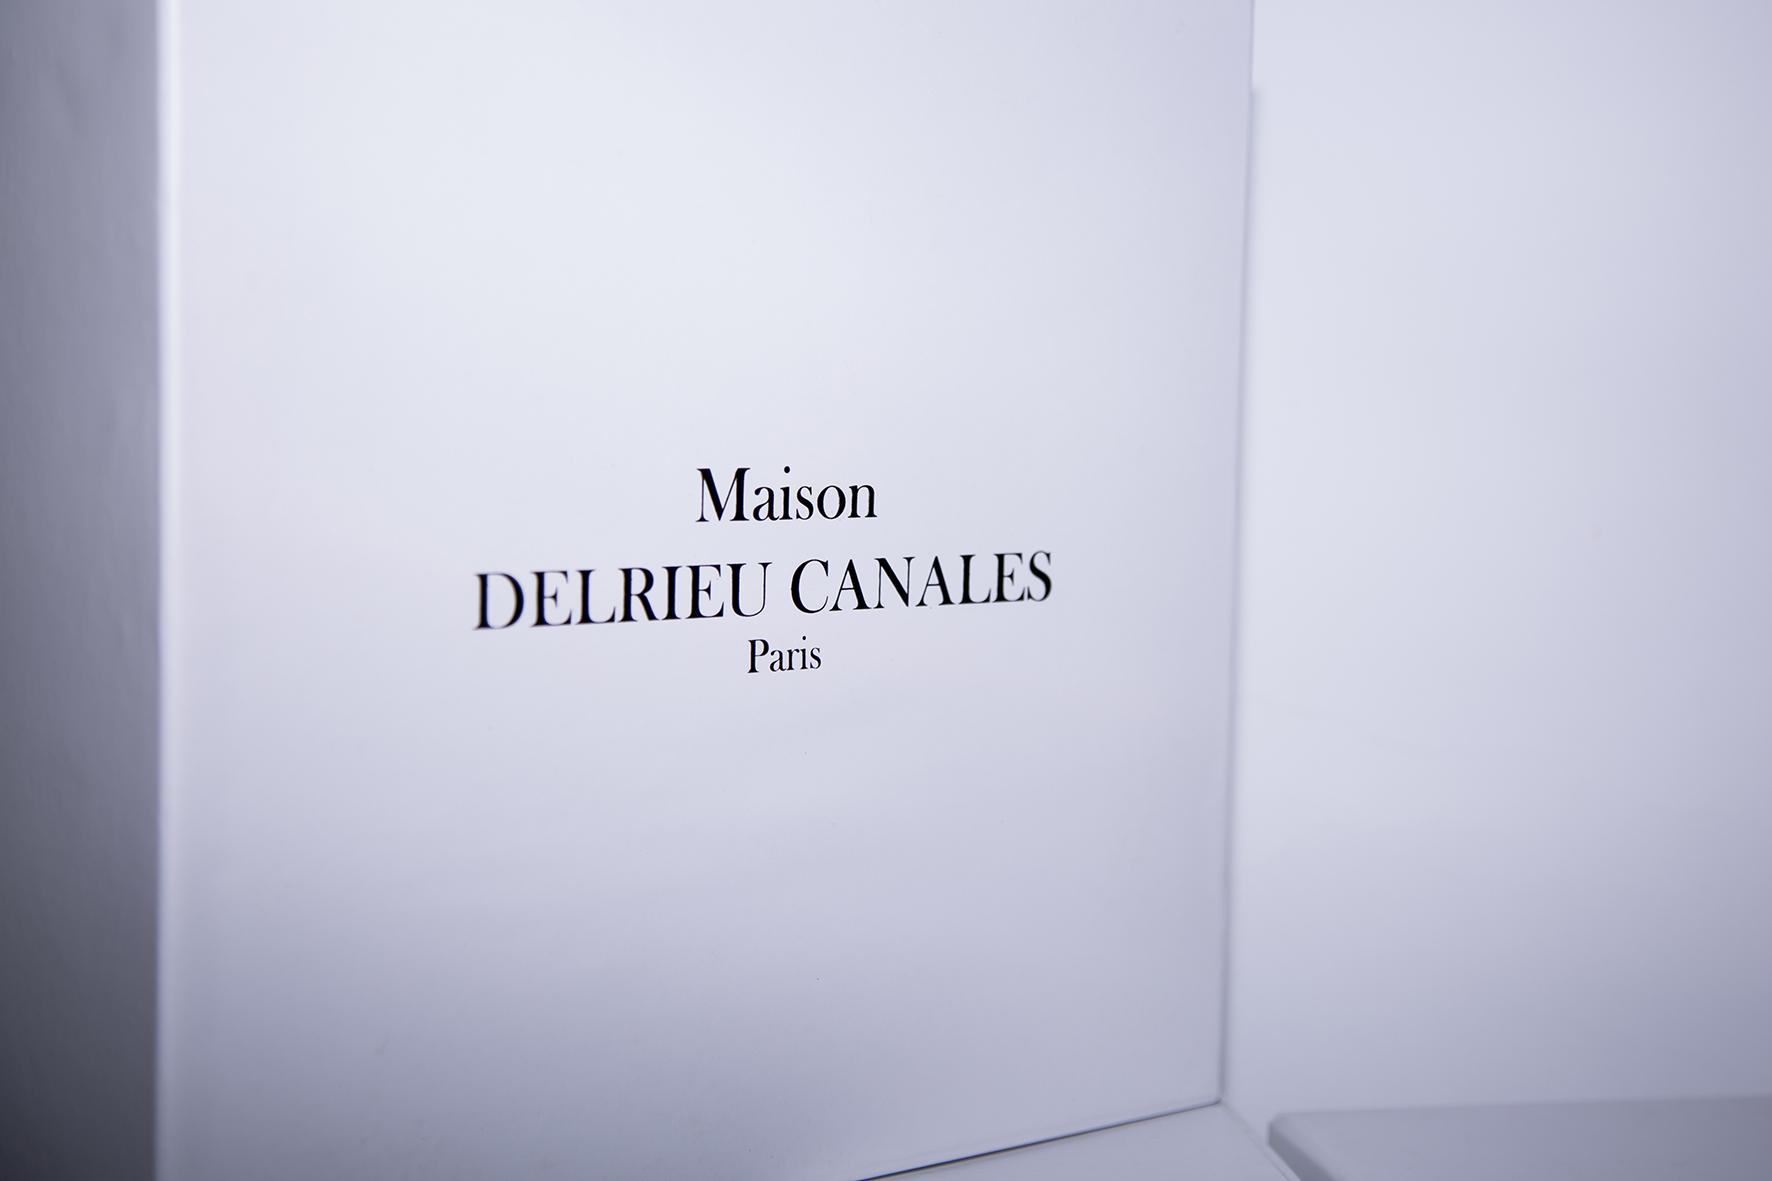 Maison Delrieu Canales - 02.JPG